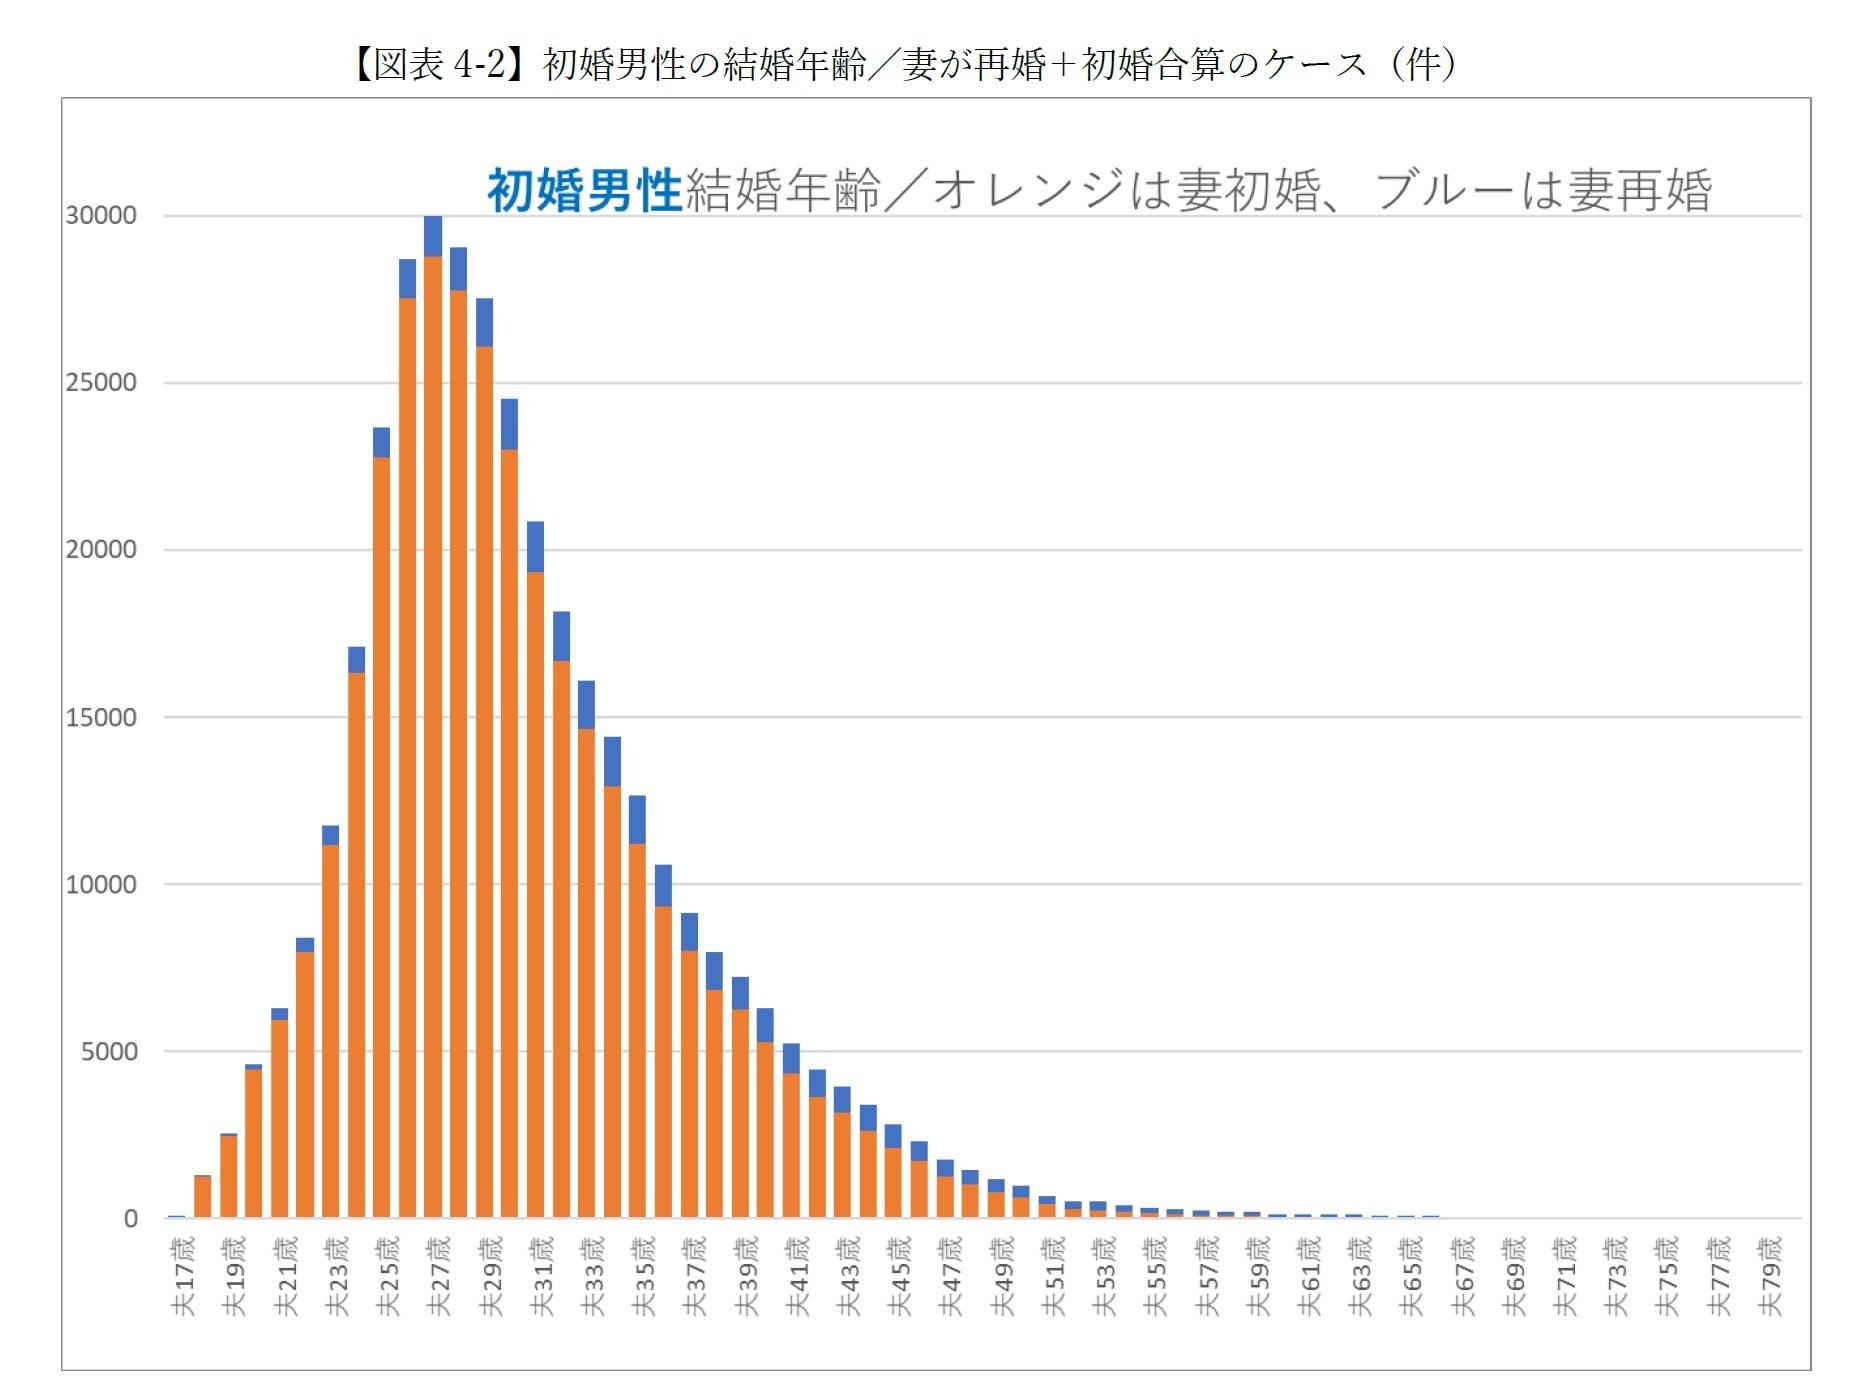 【図表4-2-1】初婚男性の結婚年齢/妻が再婚+初婚合算のケース(件)